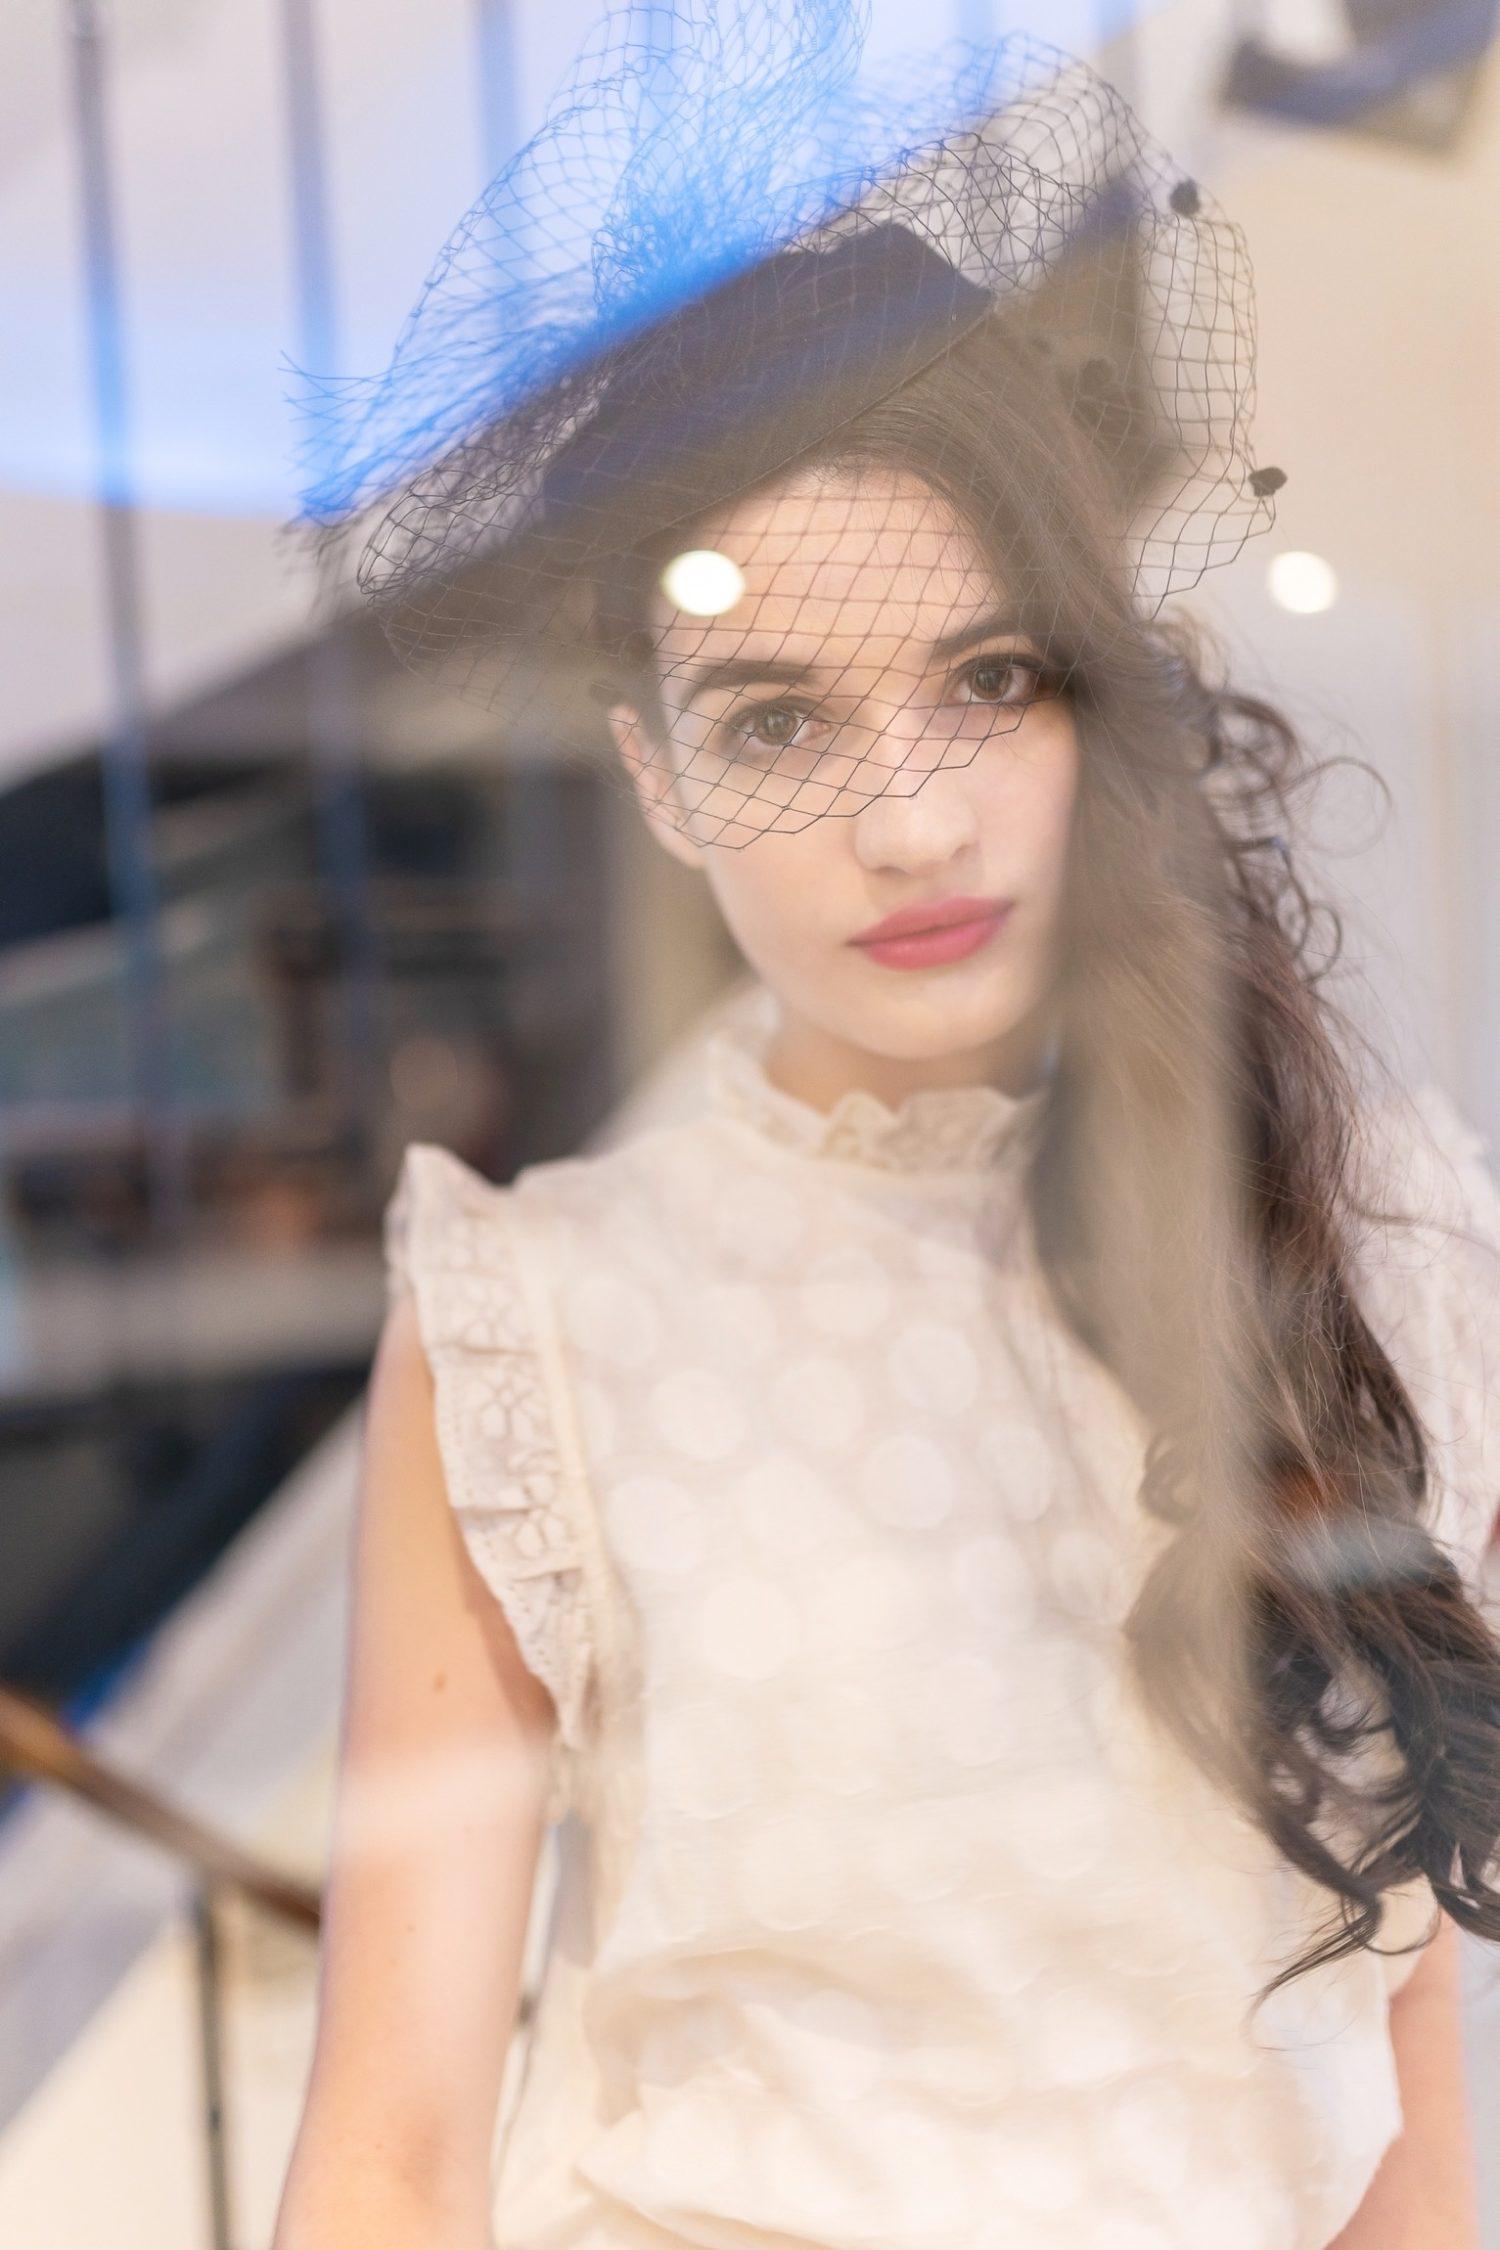 ガラスの映り込みを利用したテクニックで幻想的なポートレート写真へ